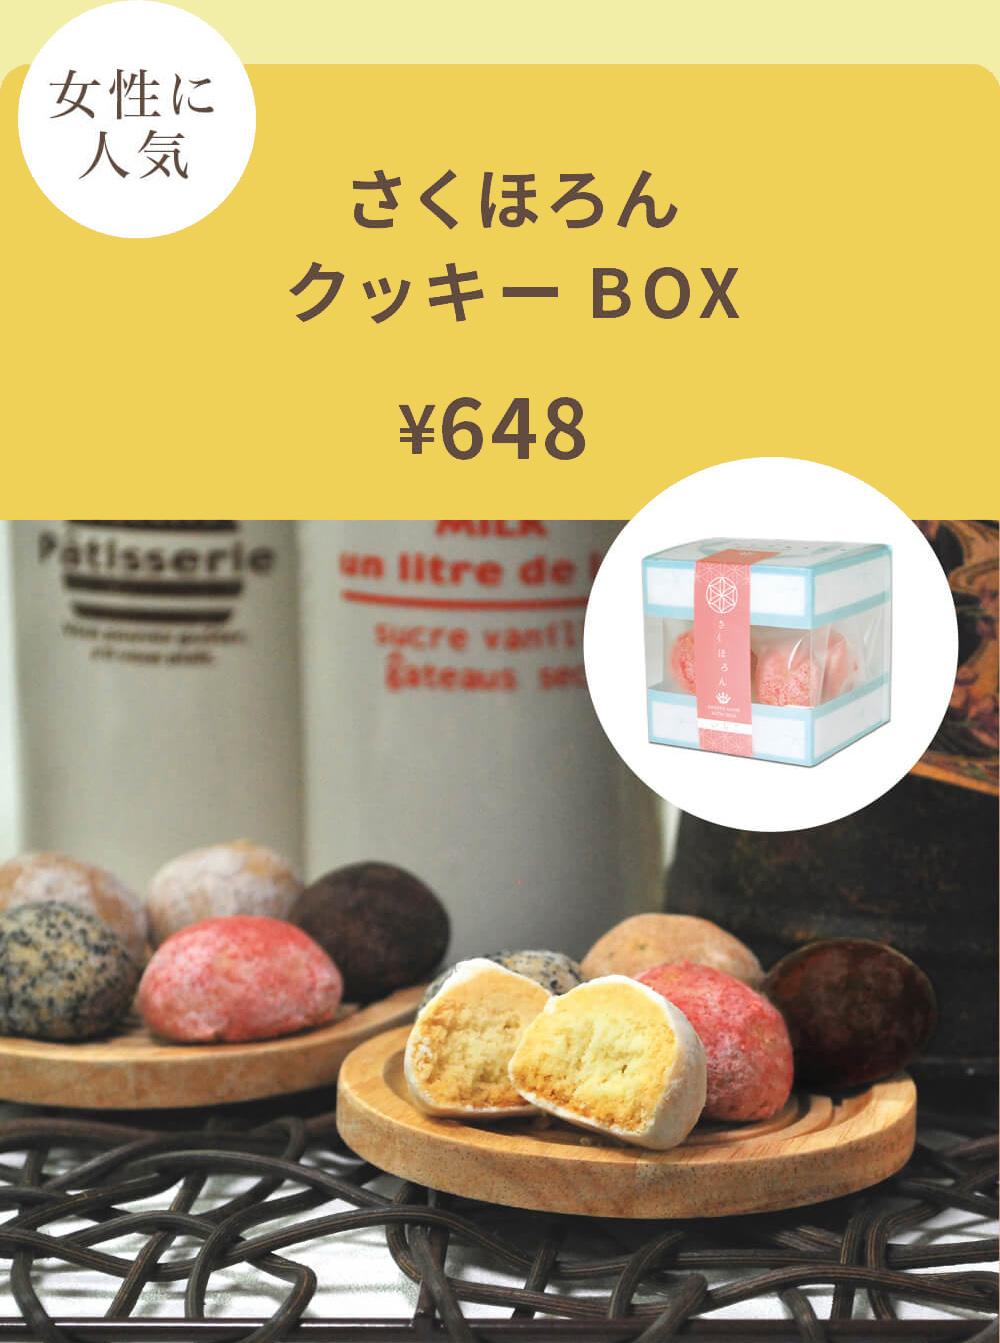 さくほろん クッキーBOX ¥648